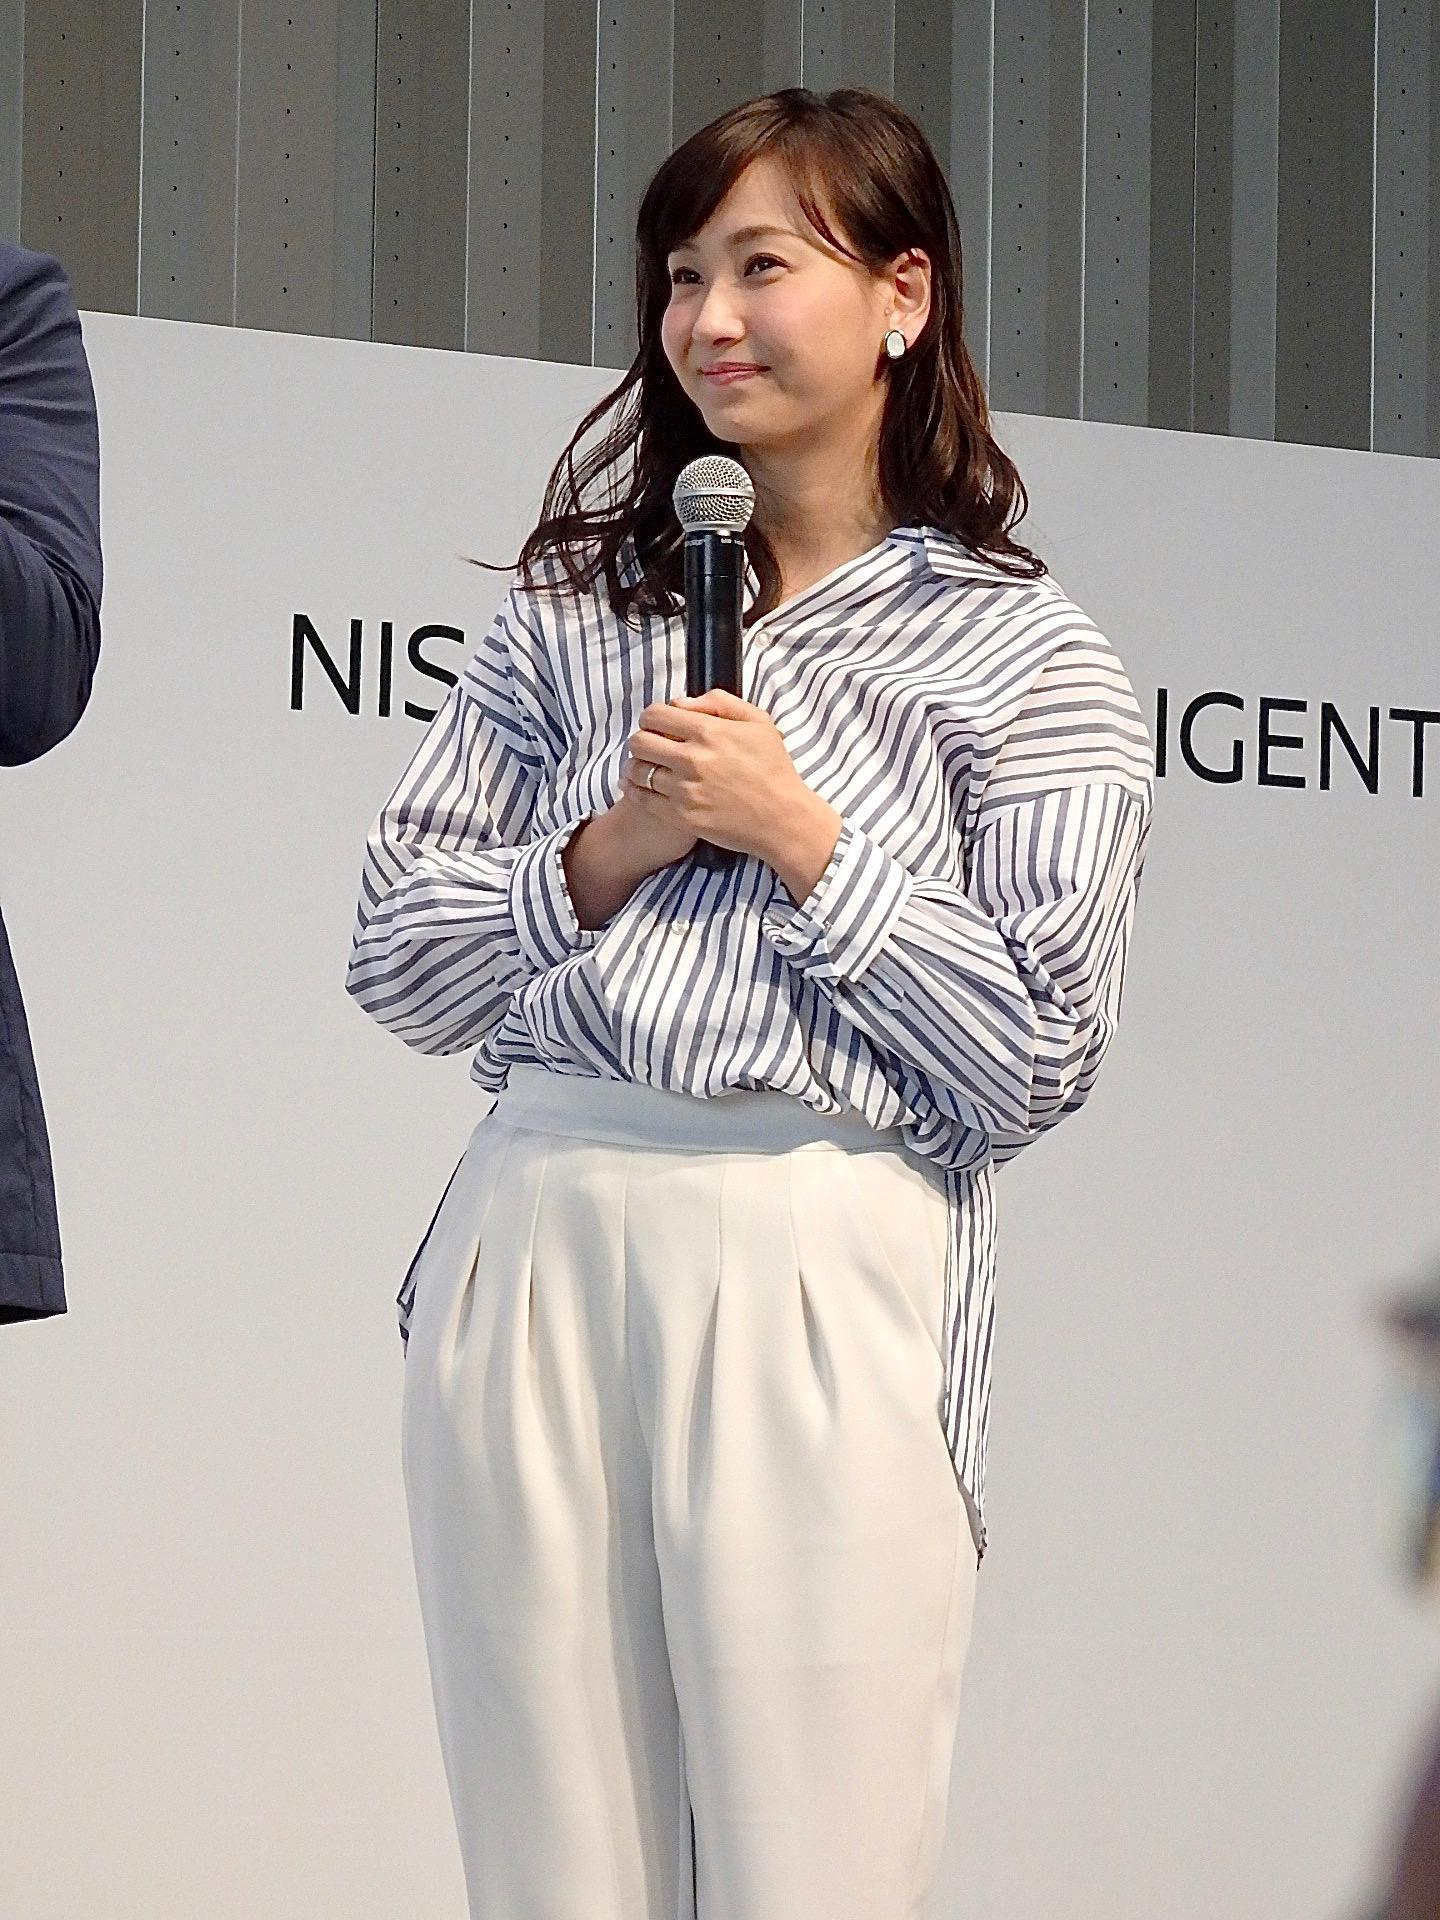 http://news.yoshimoto.co.jp/20180228184455-8a7e72198c7febcd4f07bb333a43d1ee6fefbe85.jpg